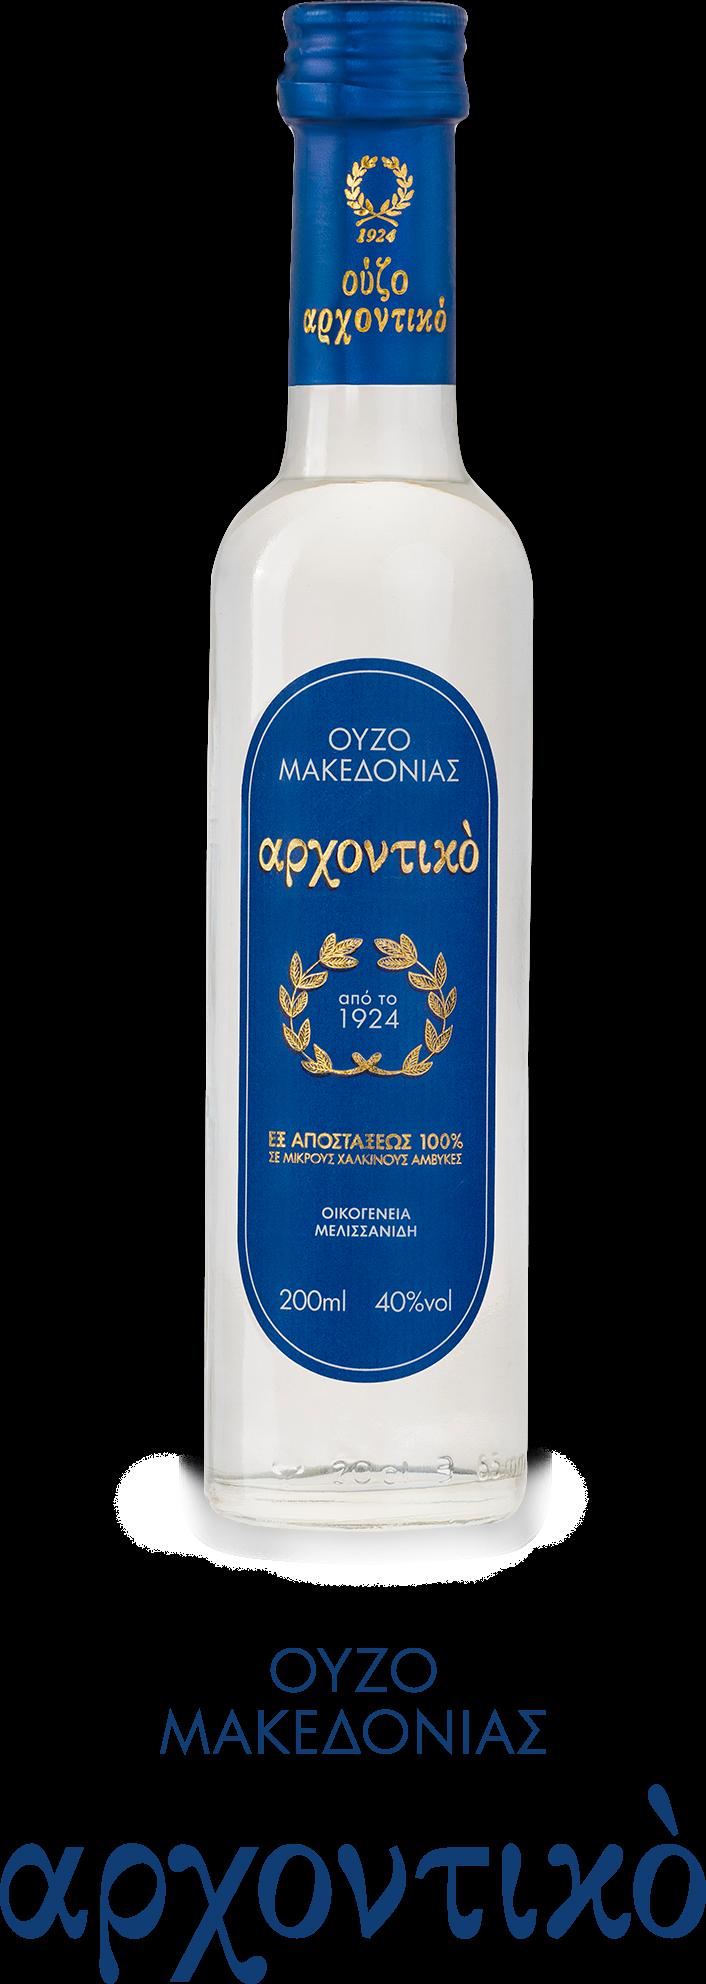 ouzo arxontiko makedonias